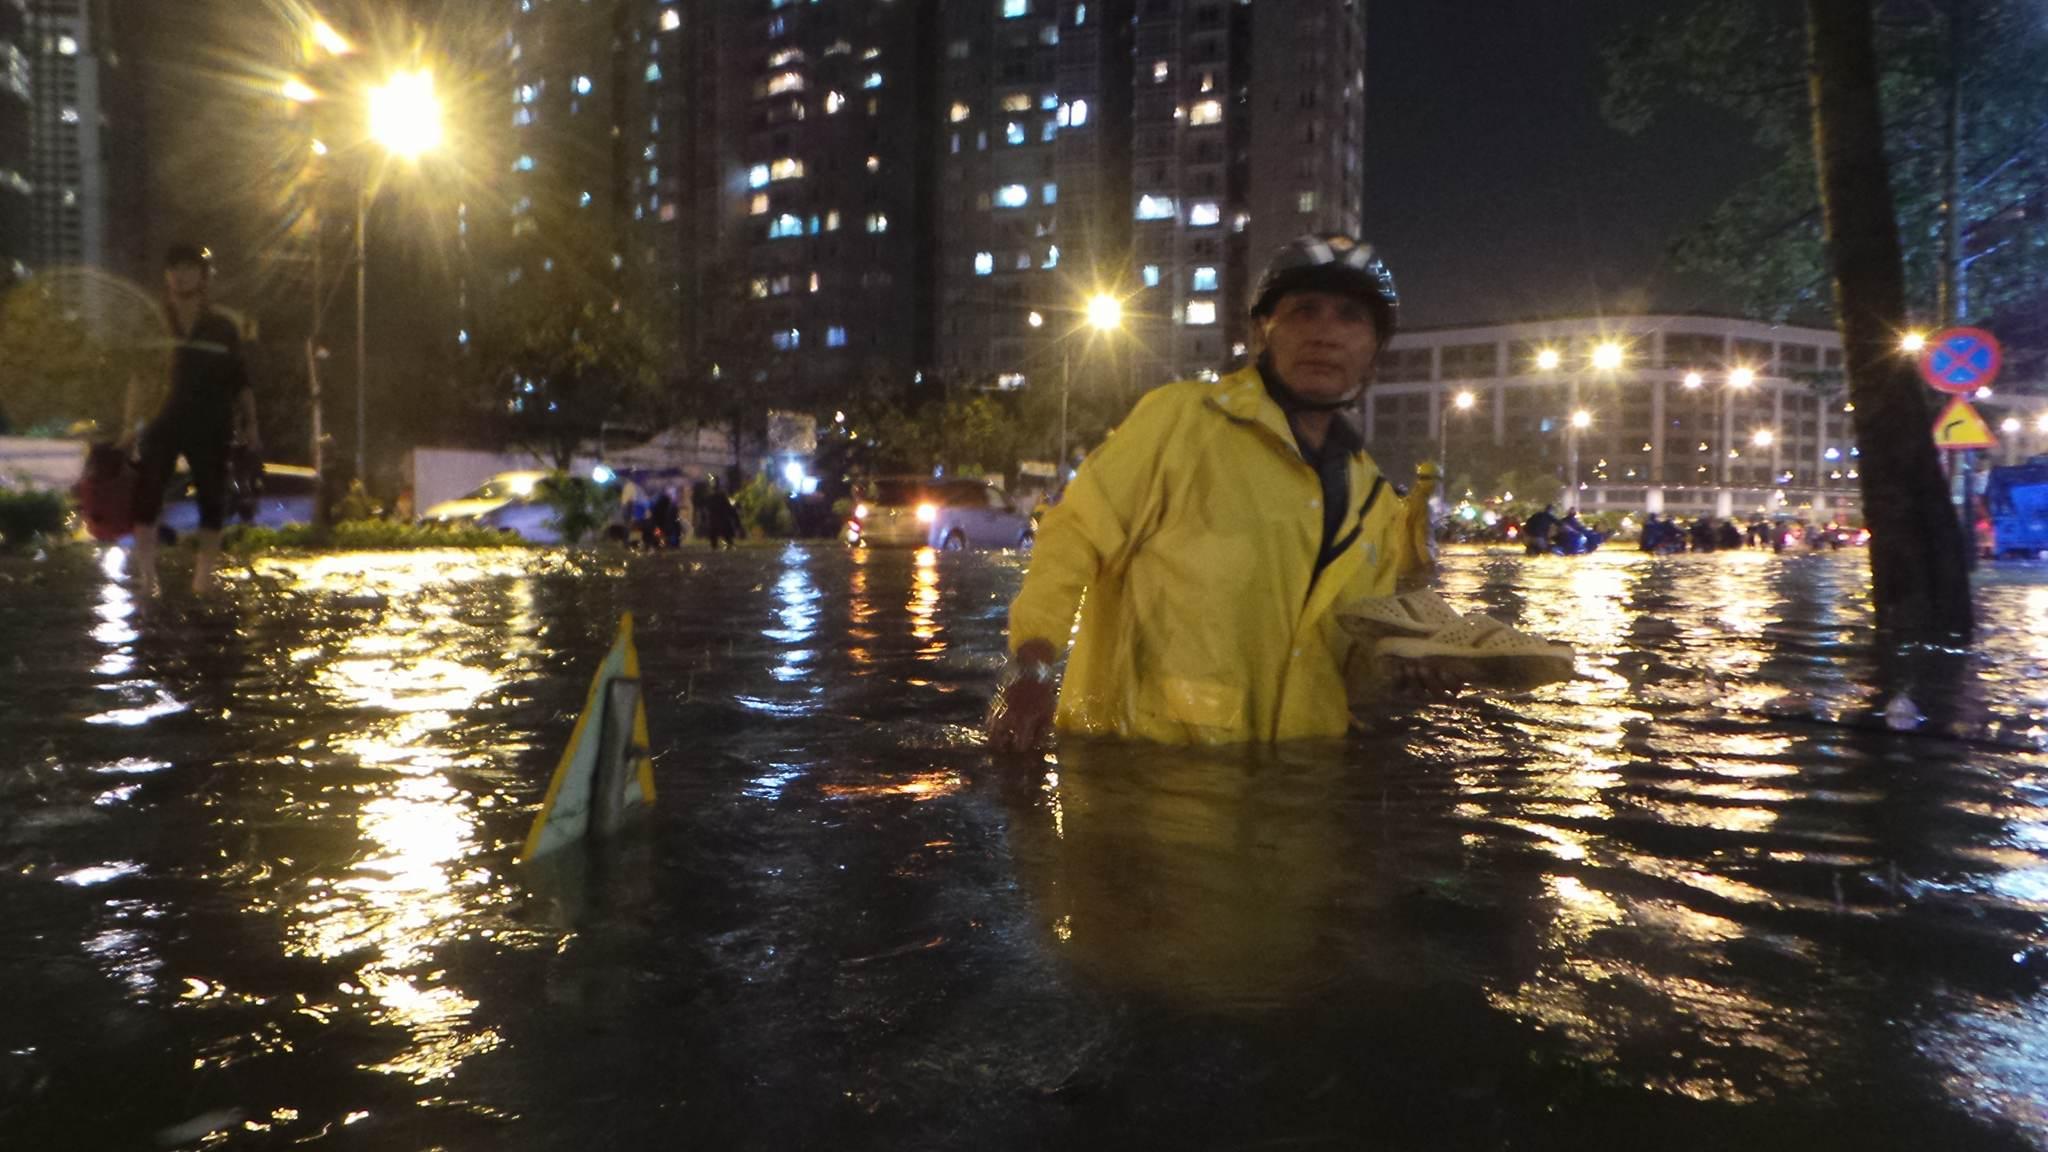 Những hình ảnh khó quên với người Sài Gòn trong trận mưa lịch sử ngày 26